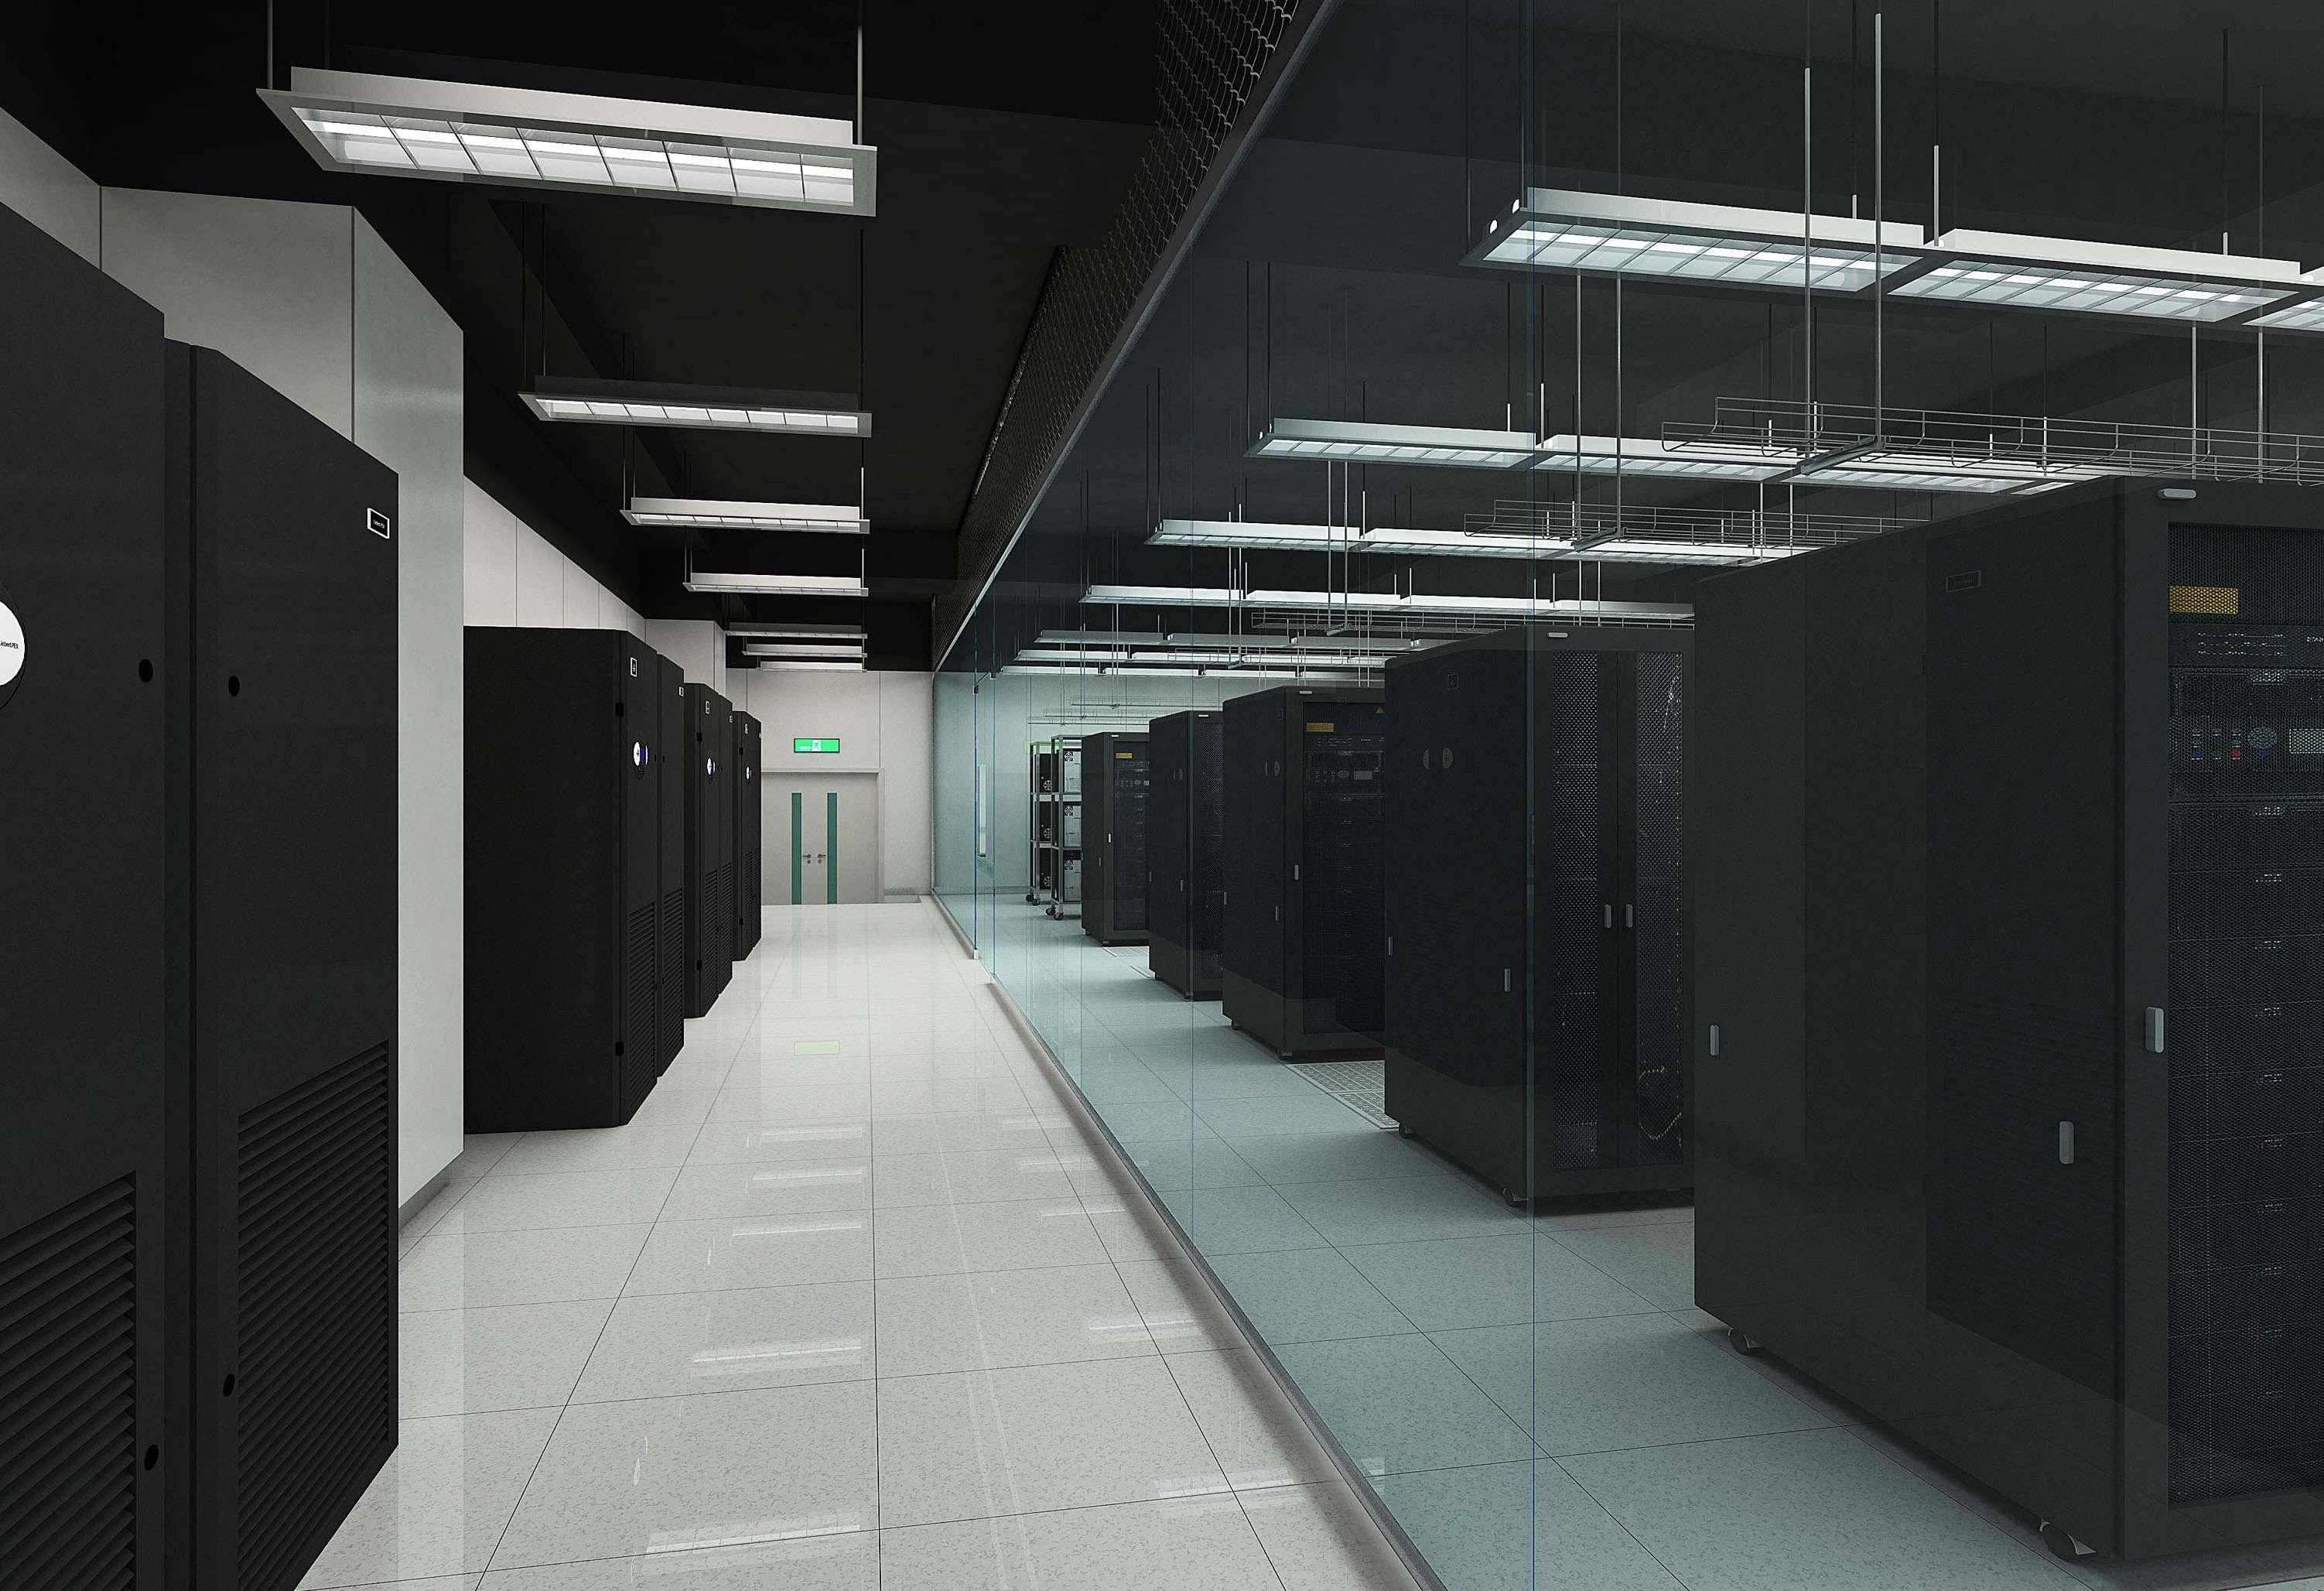 税务数据灾备中心机房建设工程